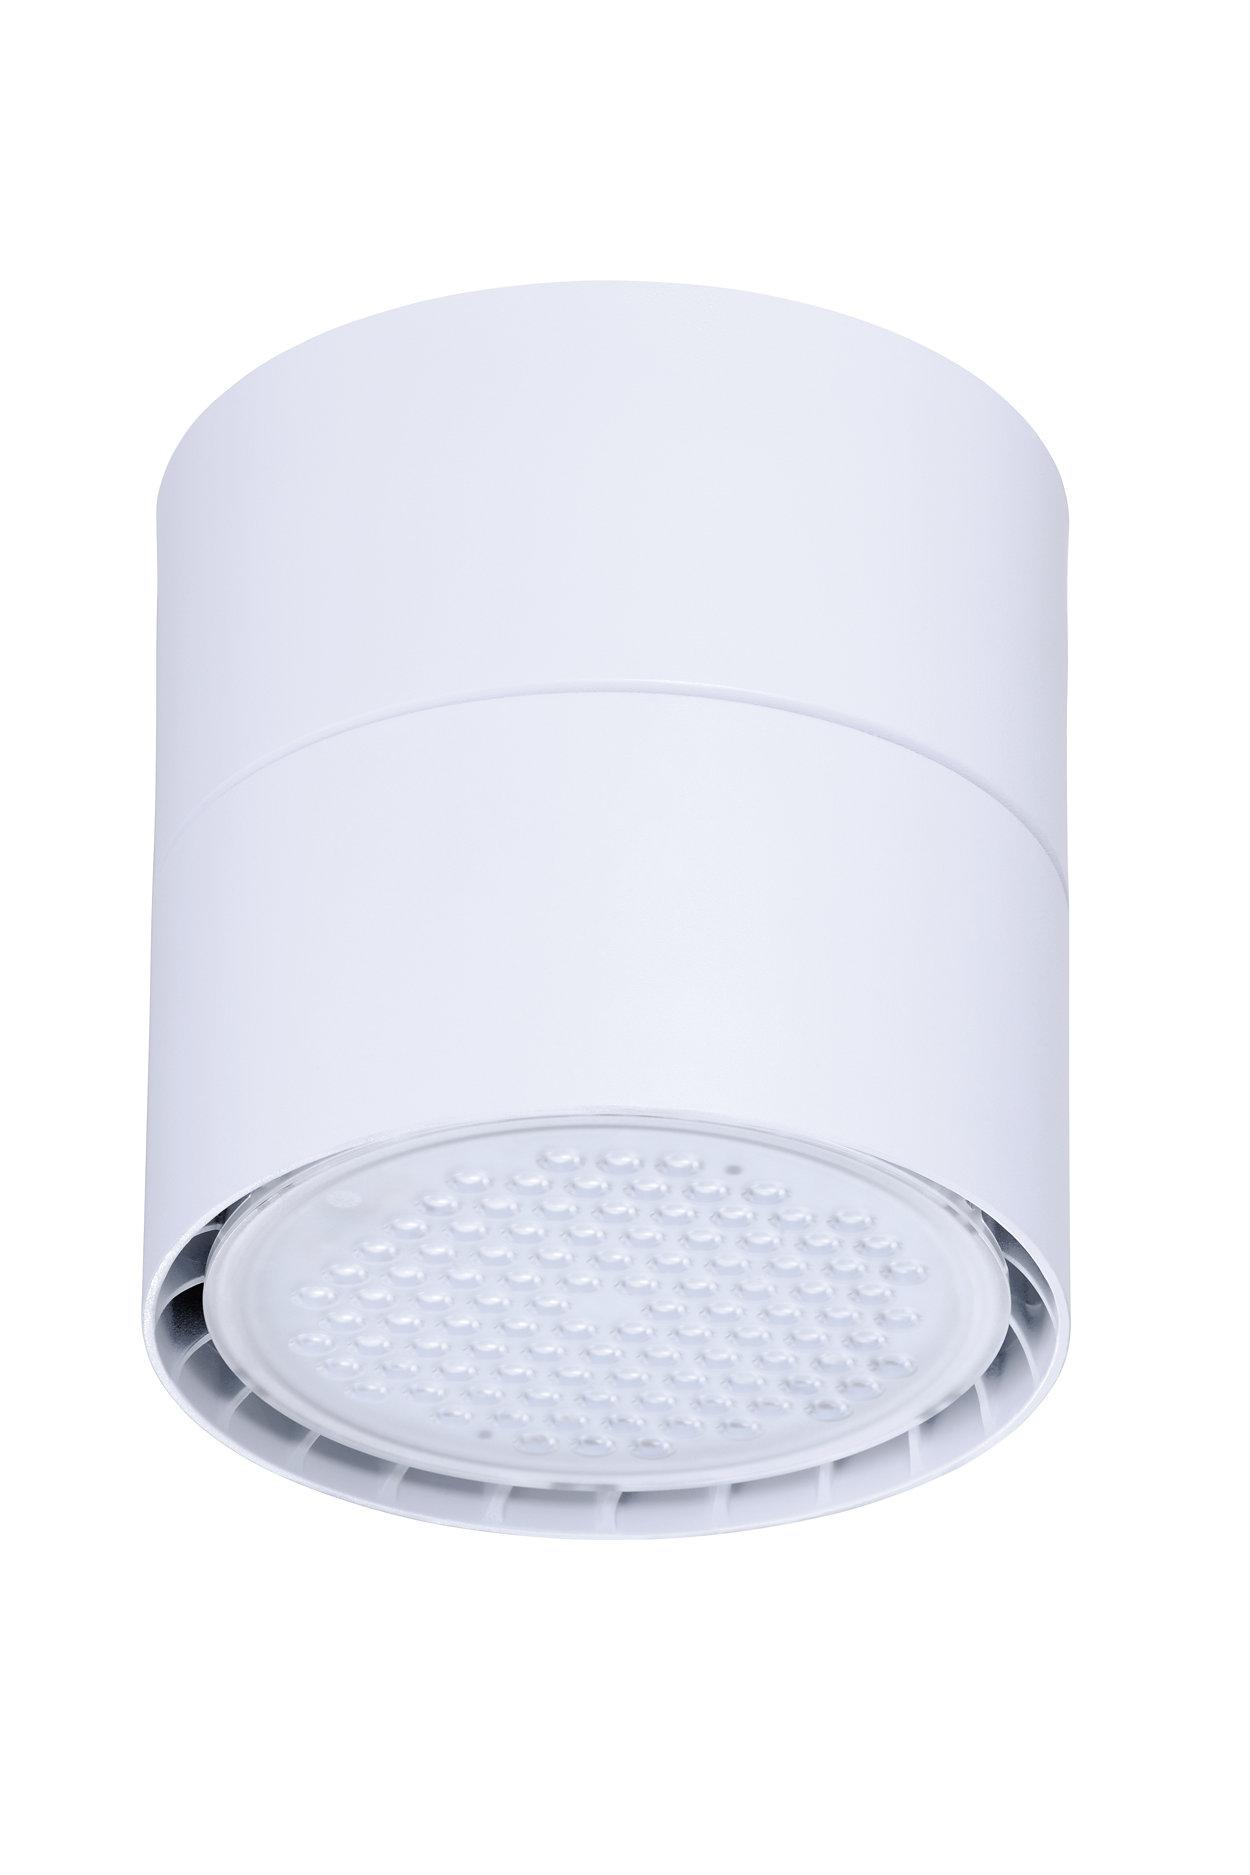 適用於挑高天花板,發揮舒適燈光特色